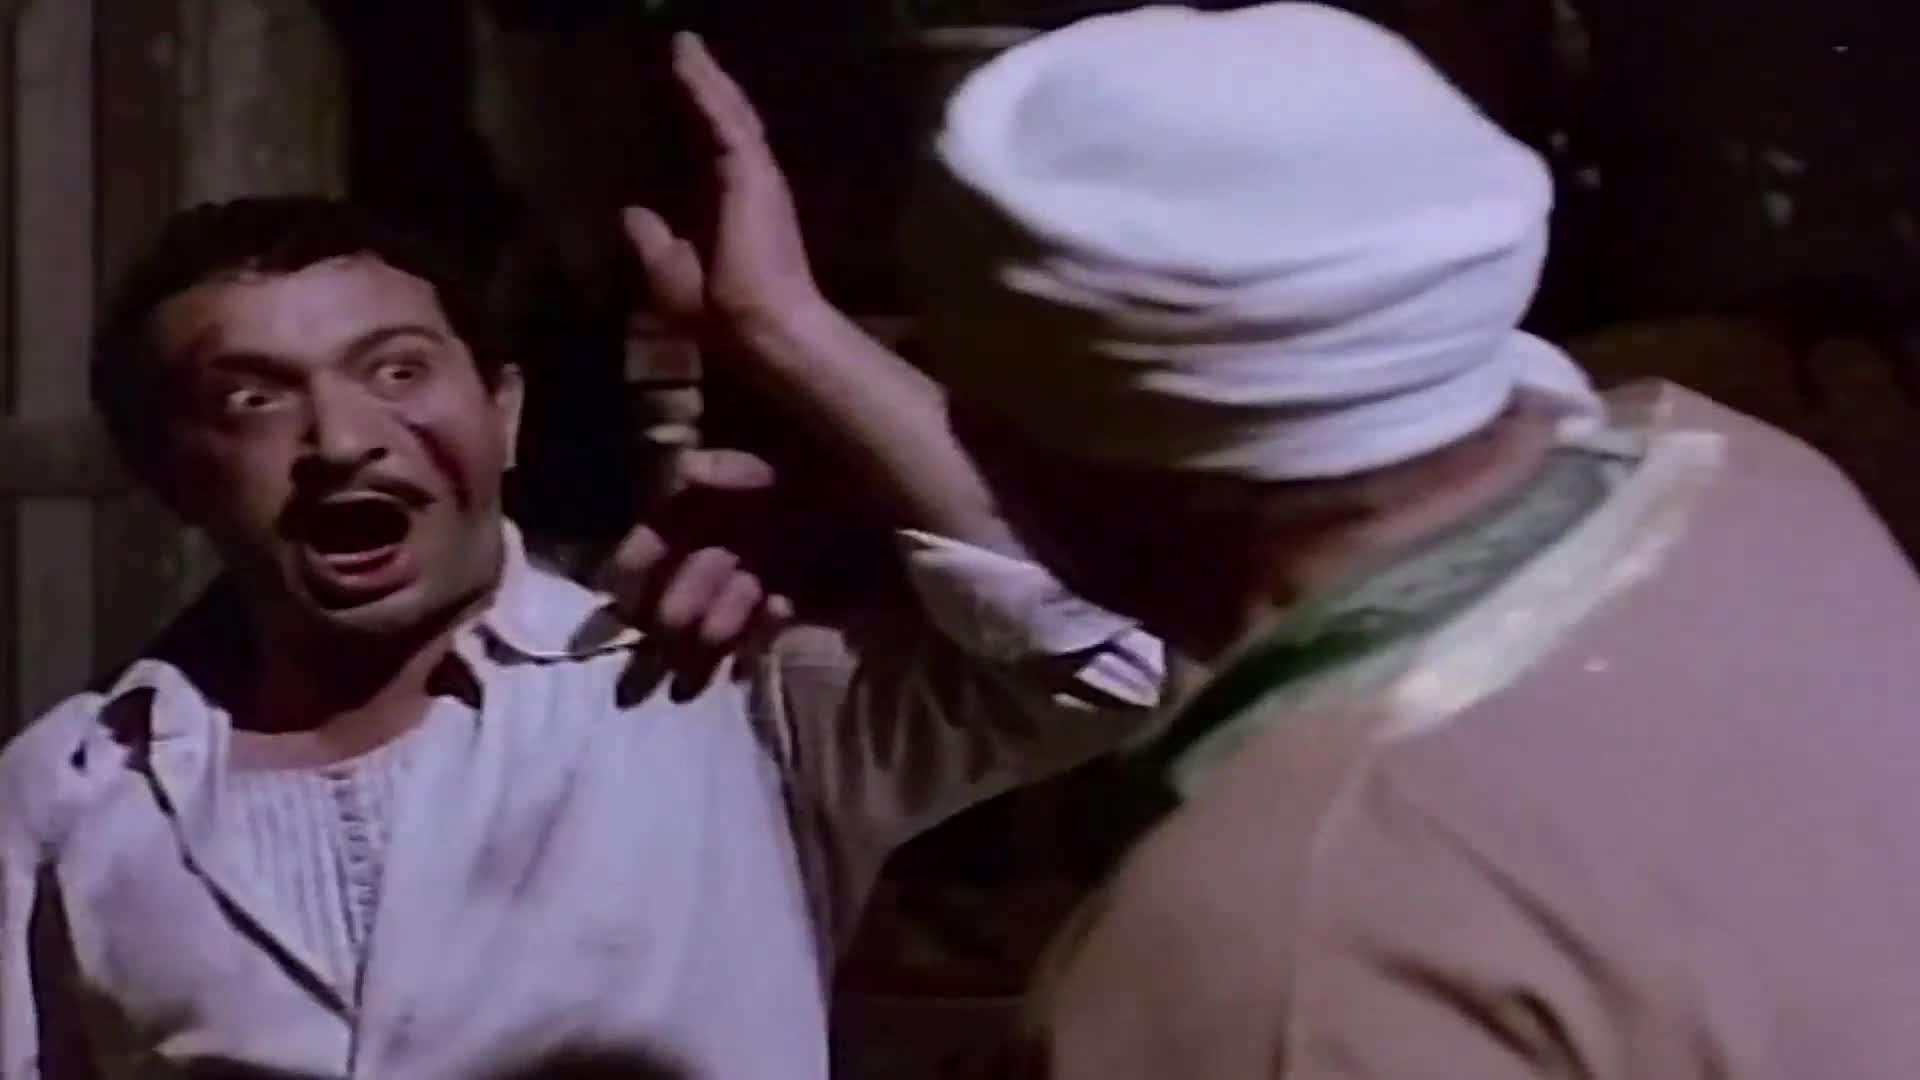 [فيلم][تورنت][تحميل][الشيطان يعظ][1981][1080p][Web-DL] 11 arabp2p.com